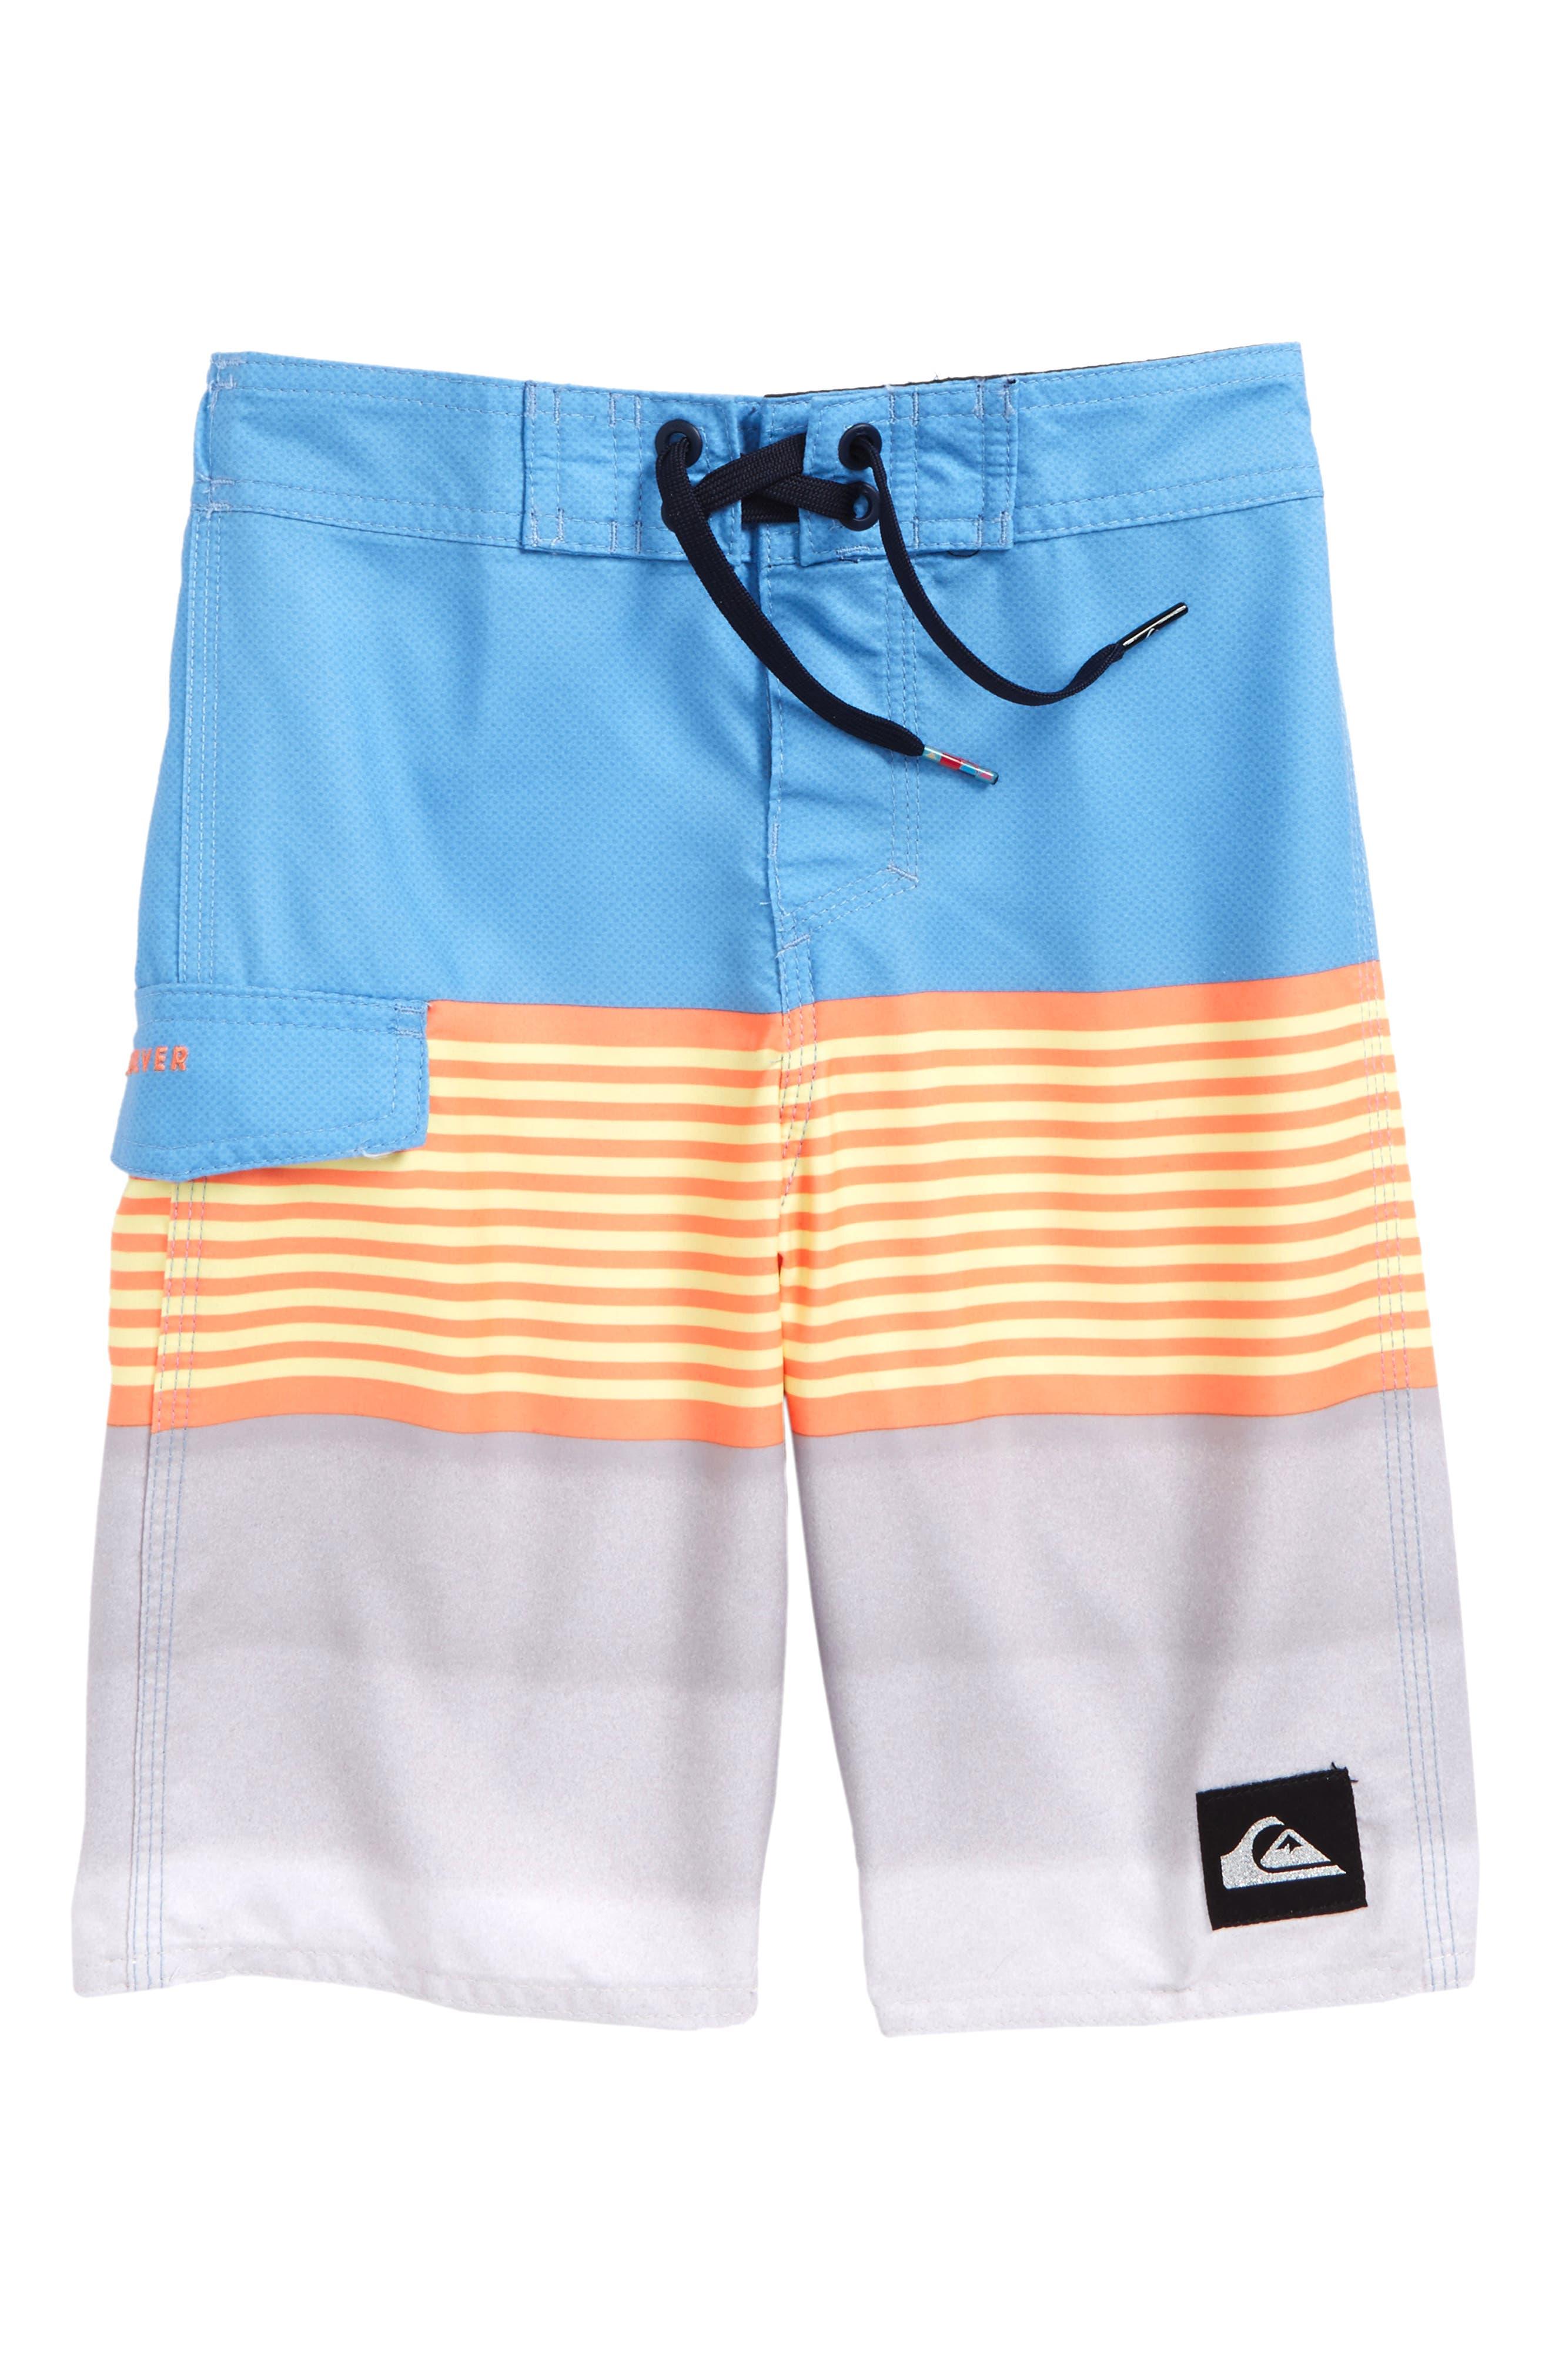 Division Board Shorts,                         Main,                         color, Silver Lake Blue